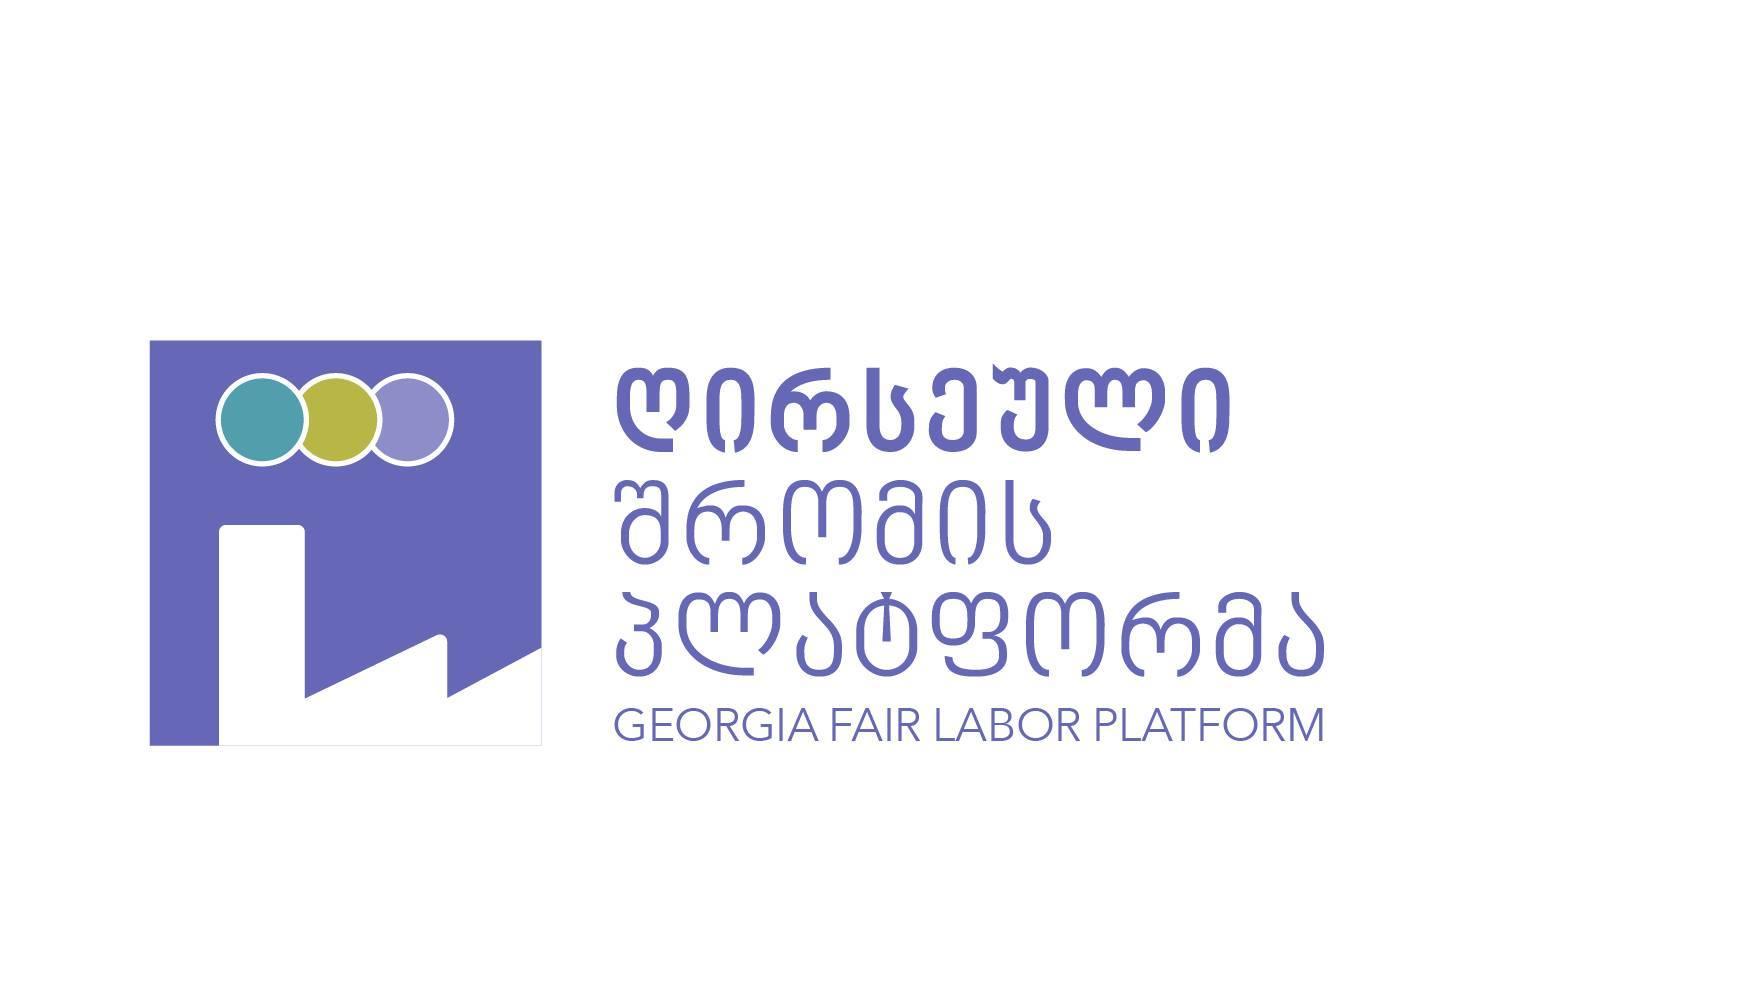 Statement of Fair Labor Platform